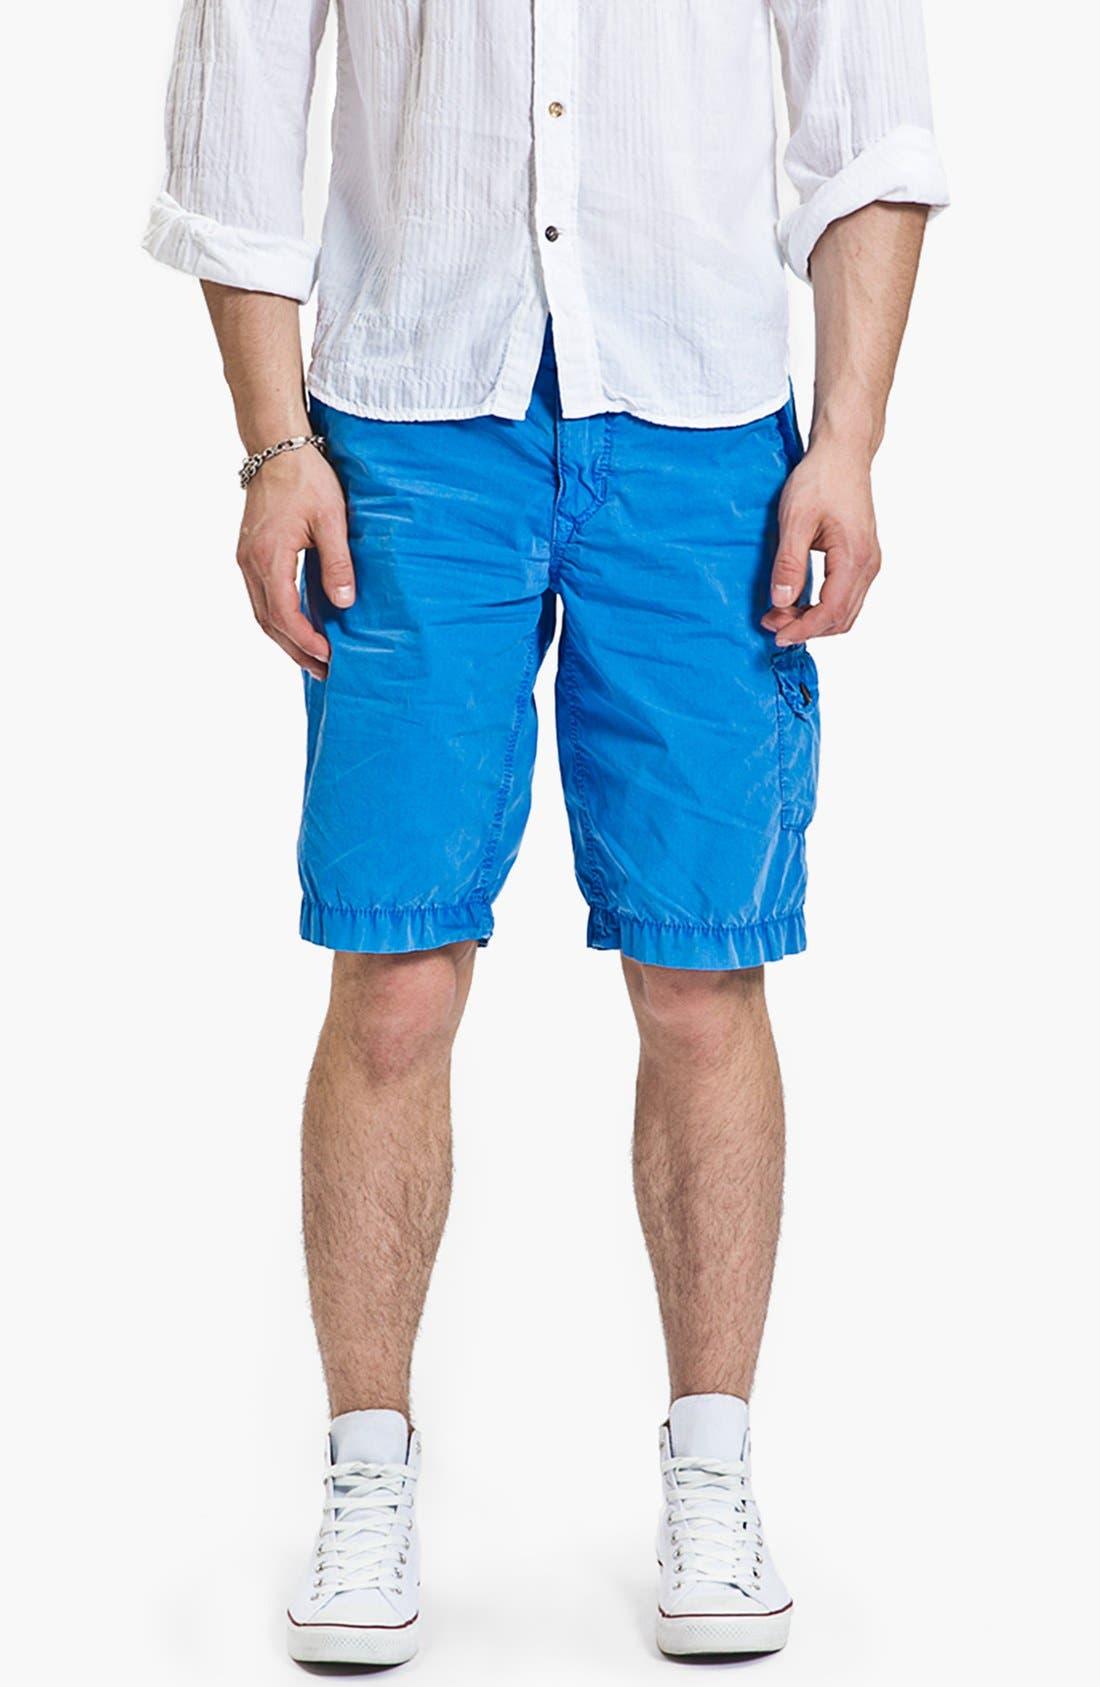 Main Image - Union Chino Cargo Shorts